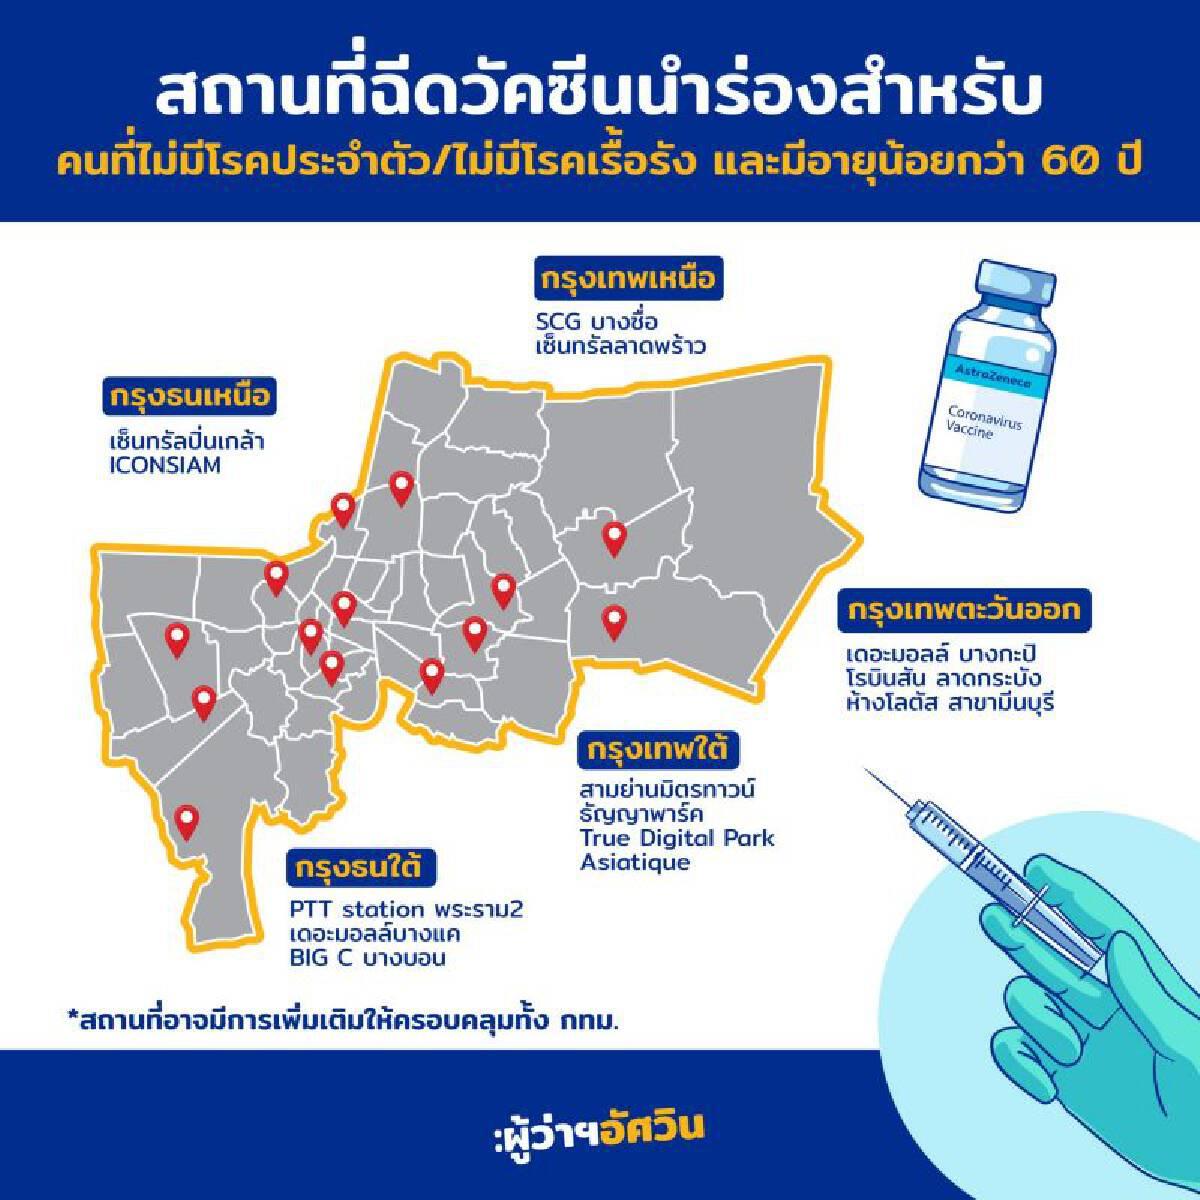 หน่วยบริการฉีดวัคซีนนอกโรงพยาบาล